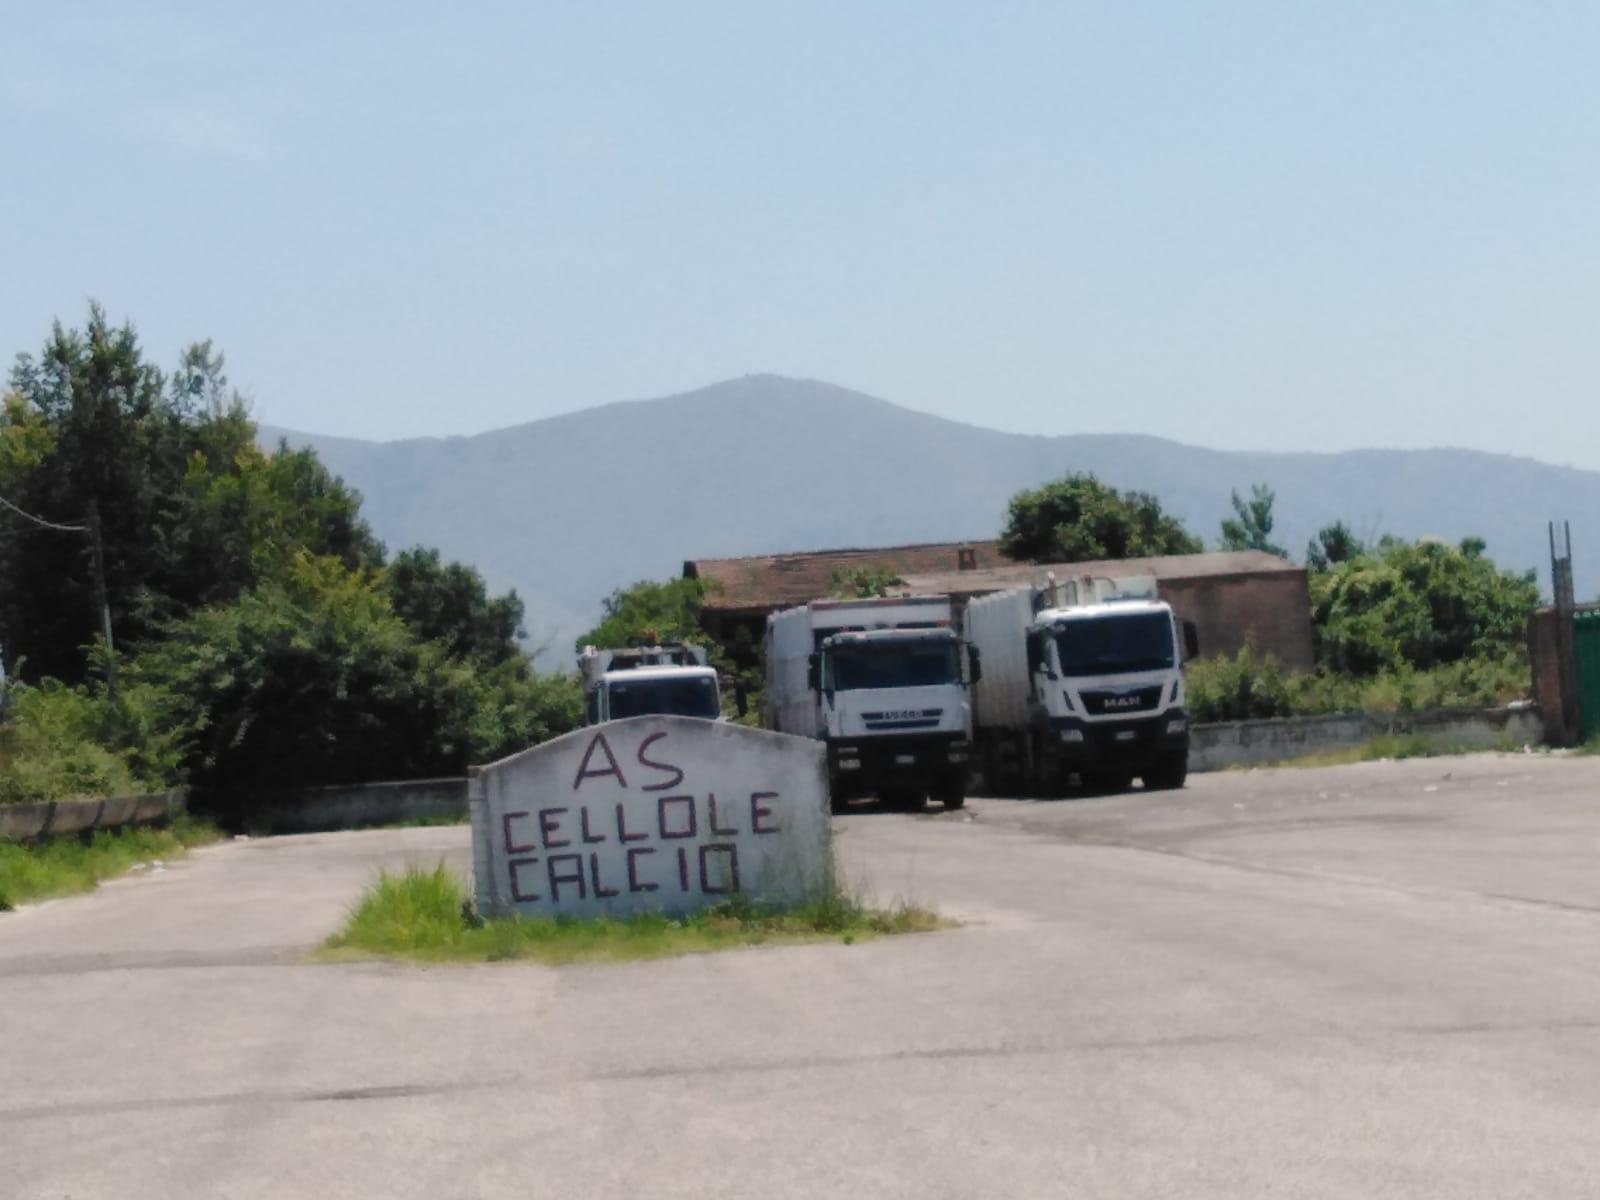 Smaltimento Rifiuti Sessa Aurunca cellole – area antistante il campo sportivo utilizzata come